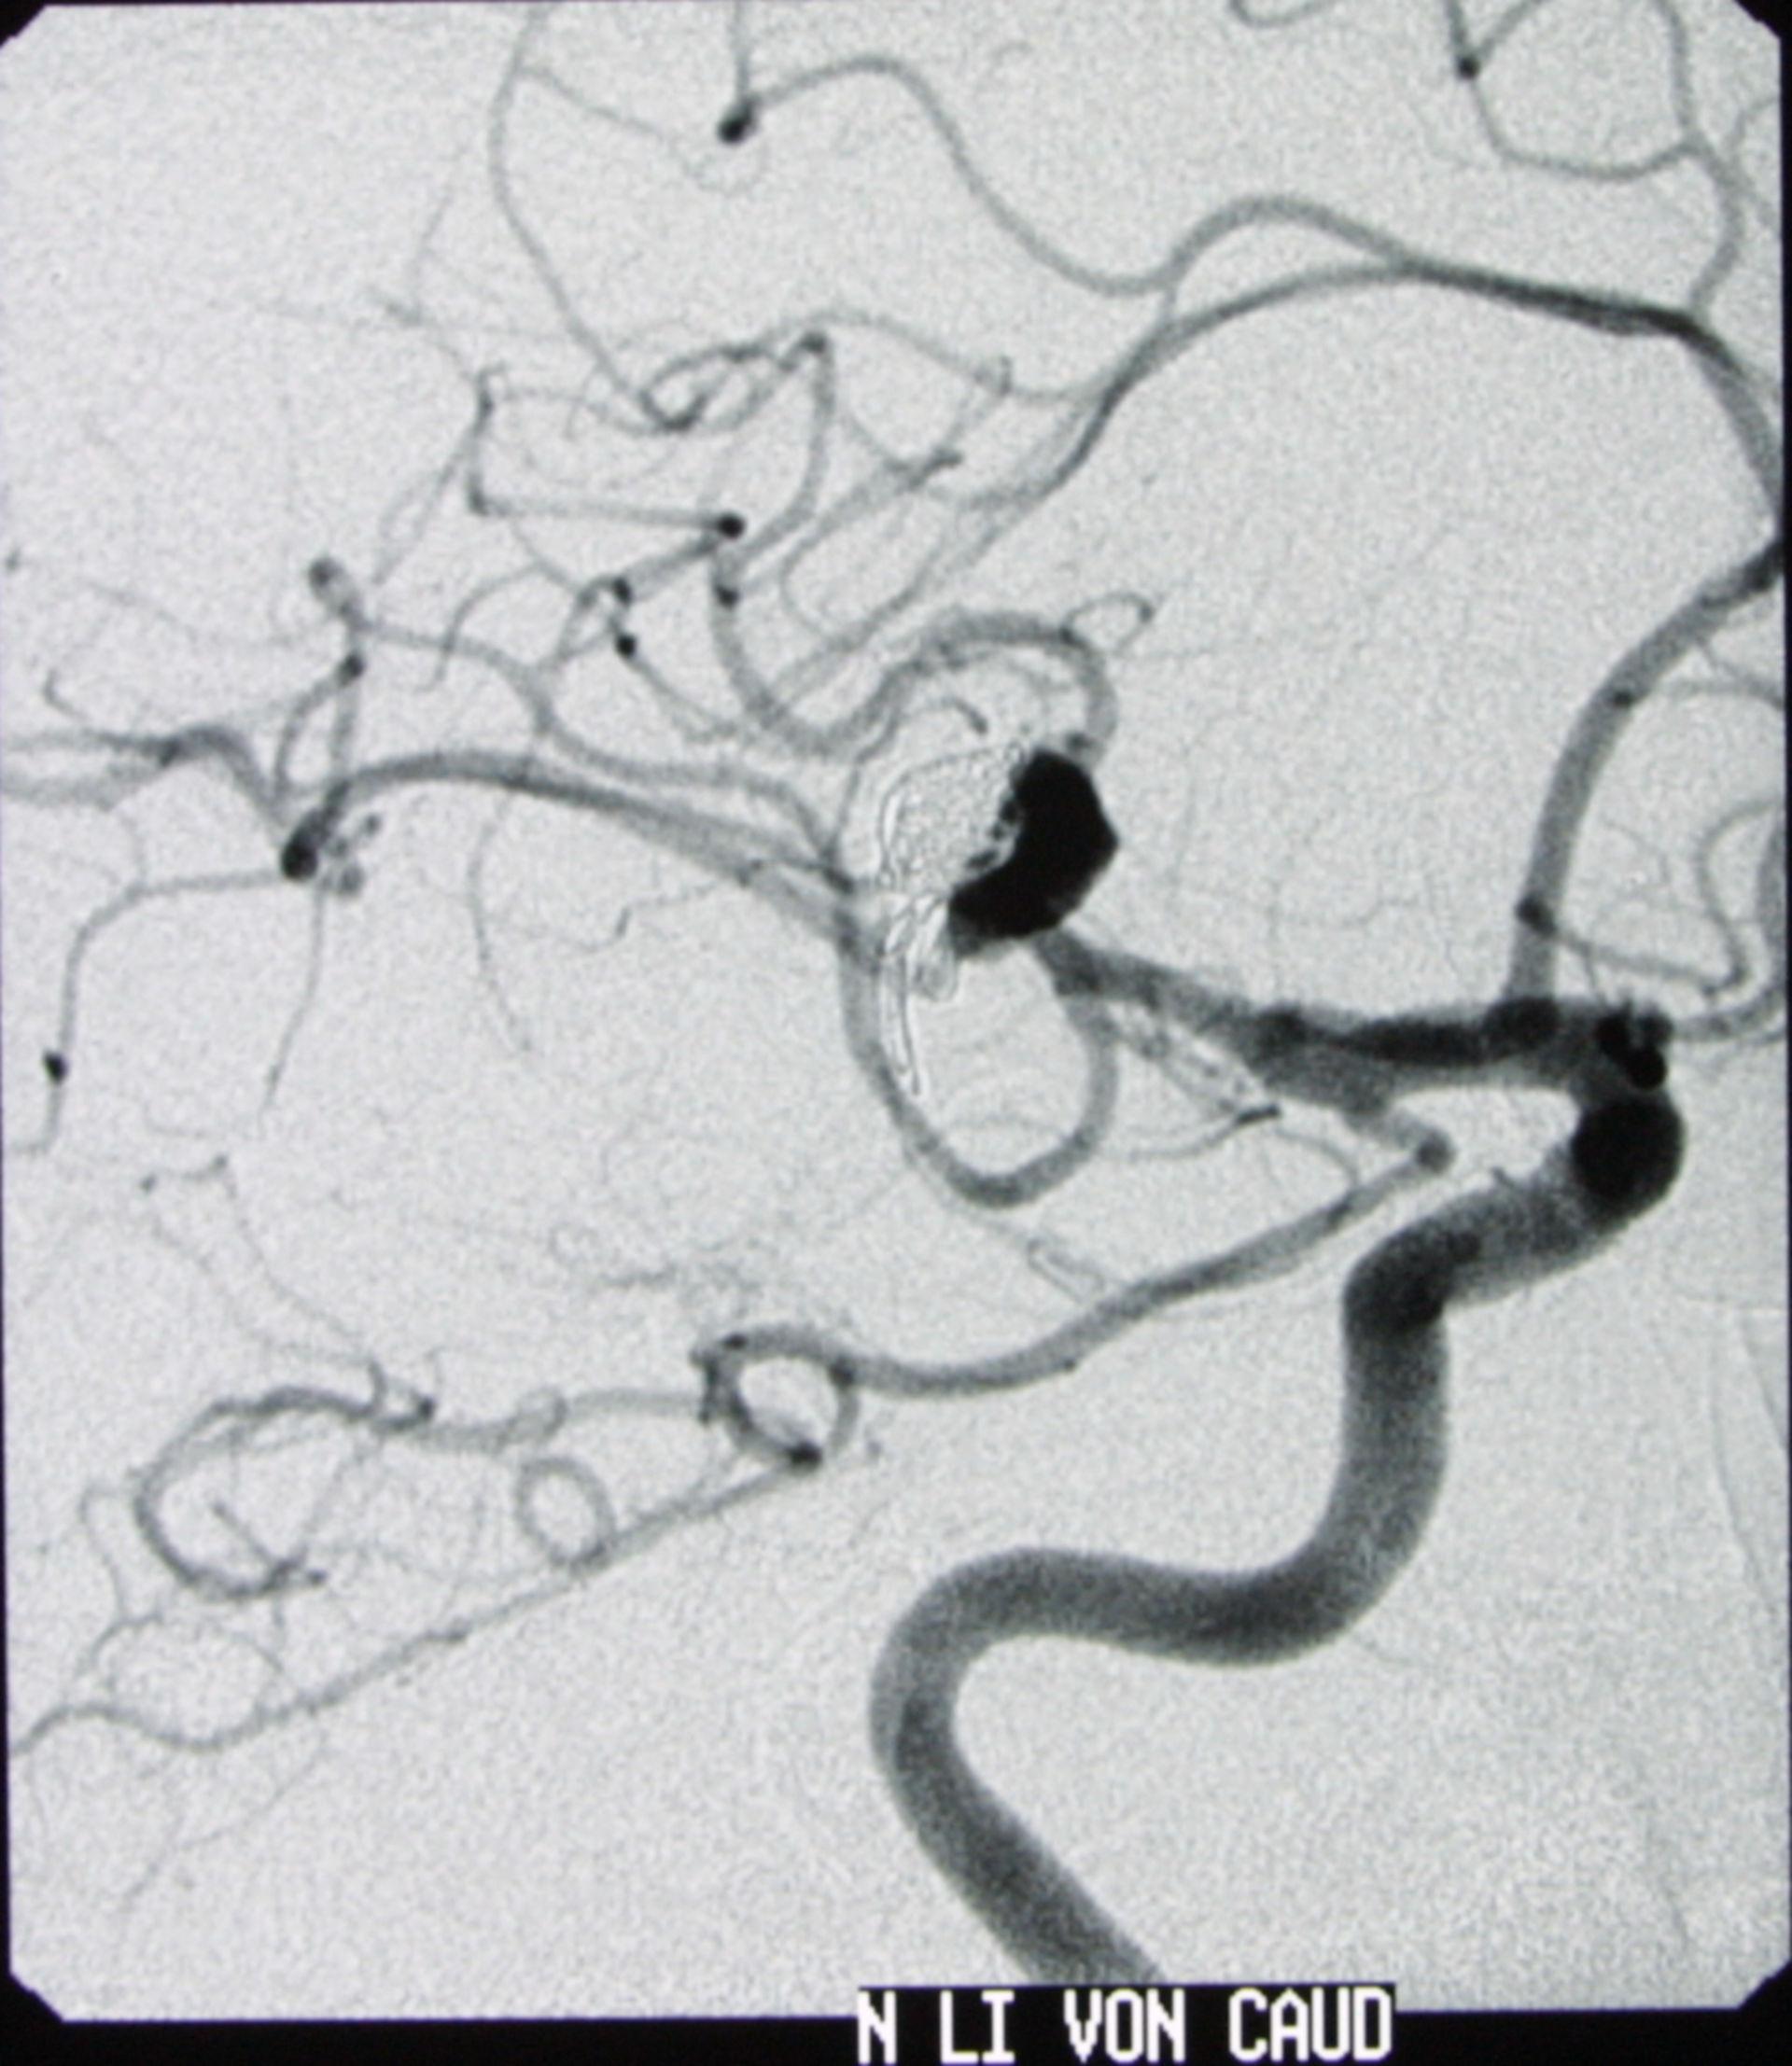 Riesenaneurysma - Angiographie, schräg von lateral nach 5 Jahren